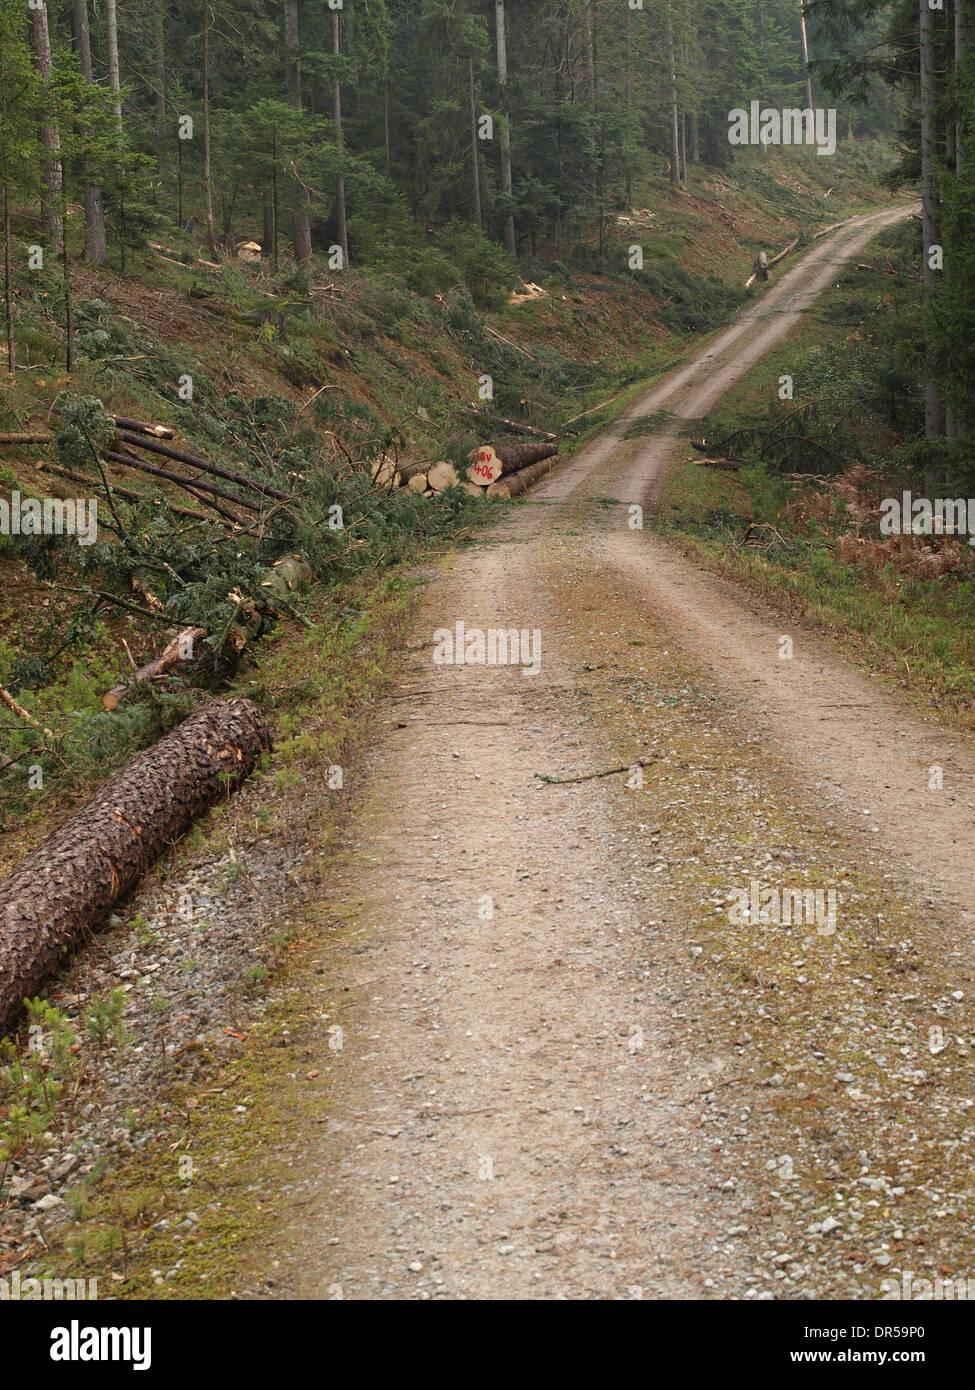 forestry / Forstwirtschaft Stock Photo